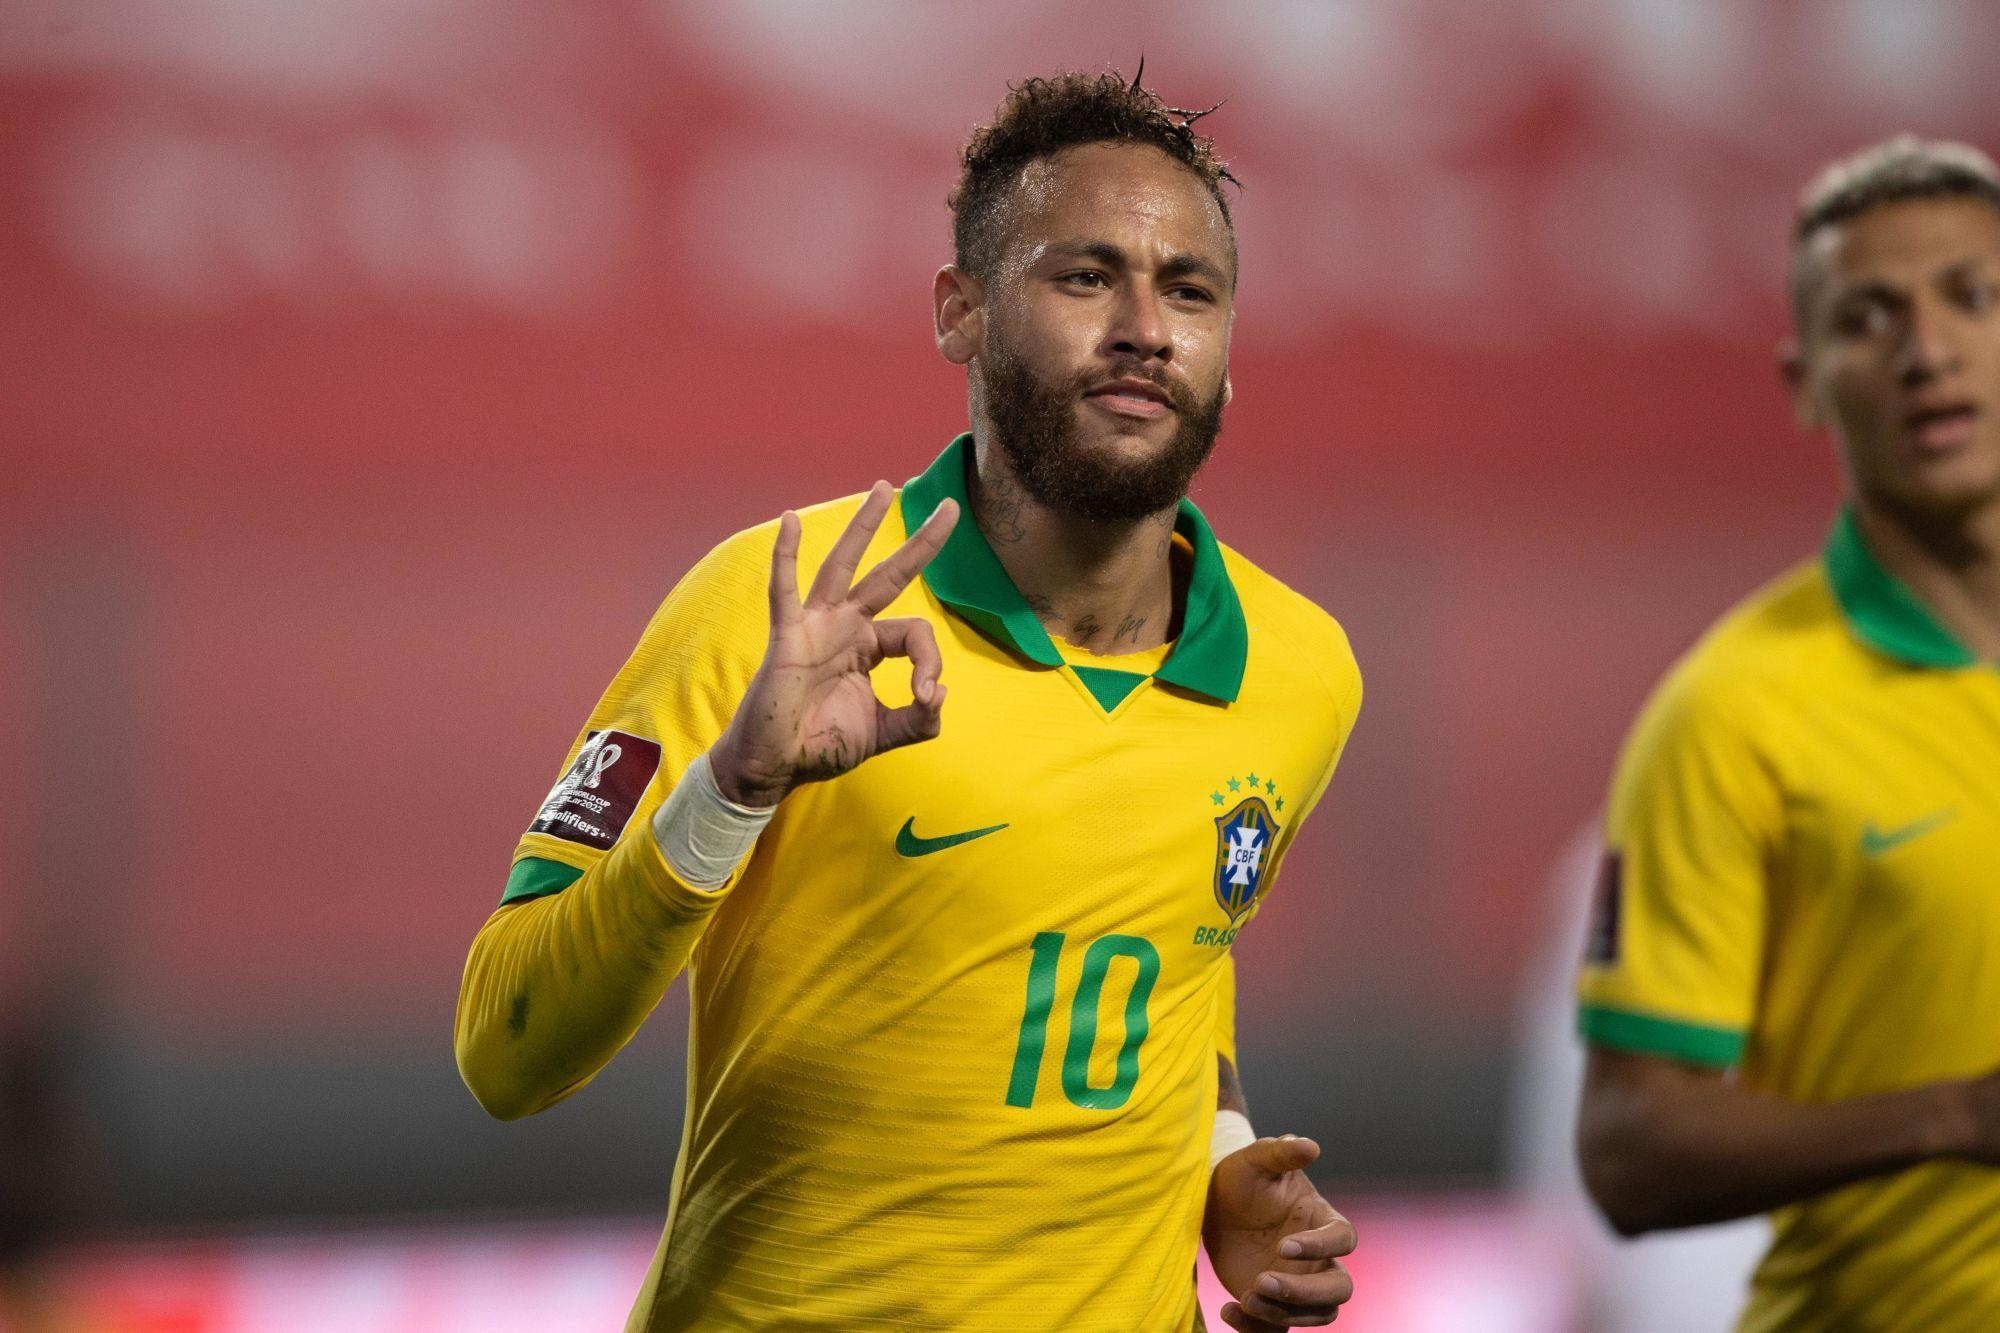 """Tite fait l'éloge de Neymar mais repousse les """"comparaisons"""" avec les légendes brésiliennes"""